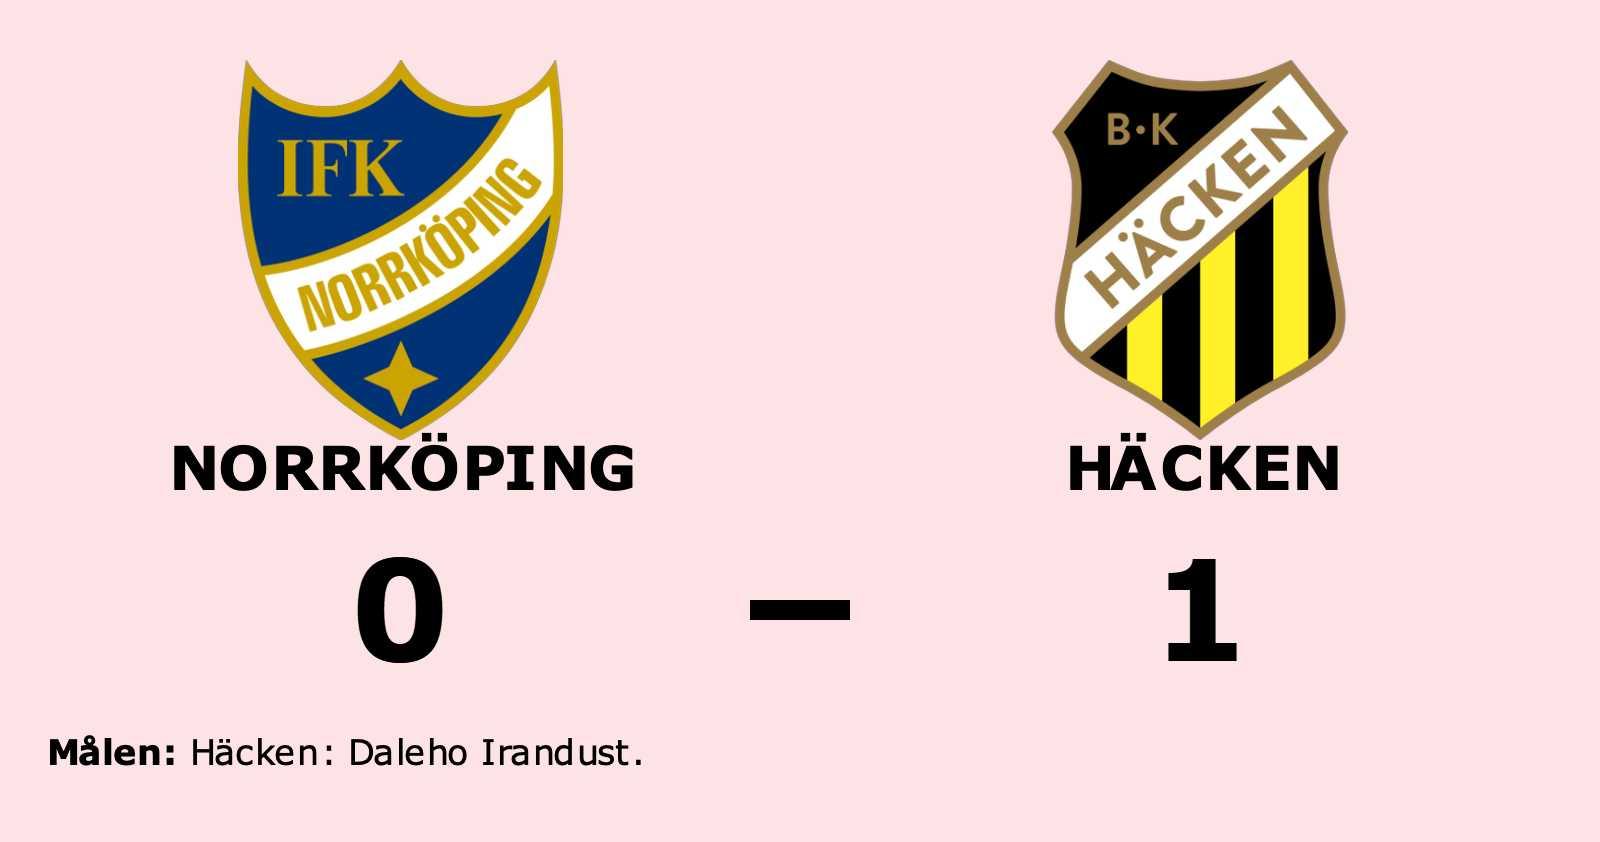 Norrköping förlorade mot Häcken